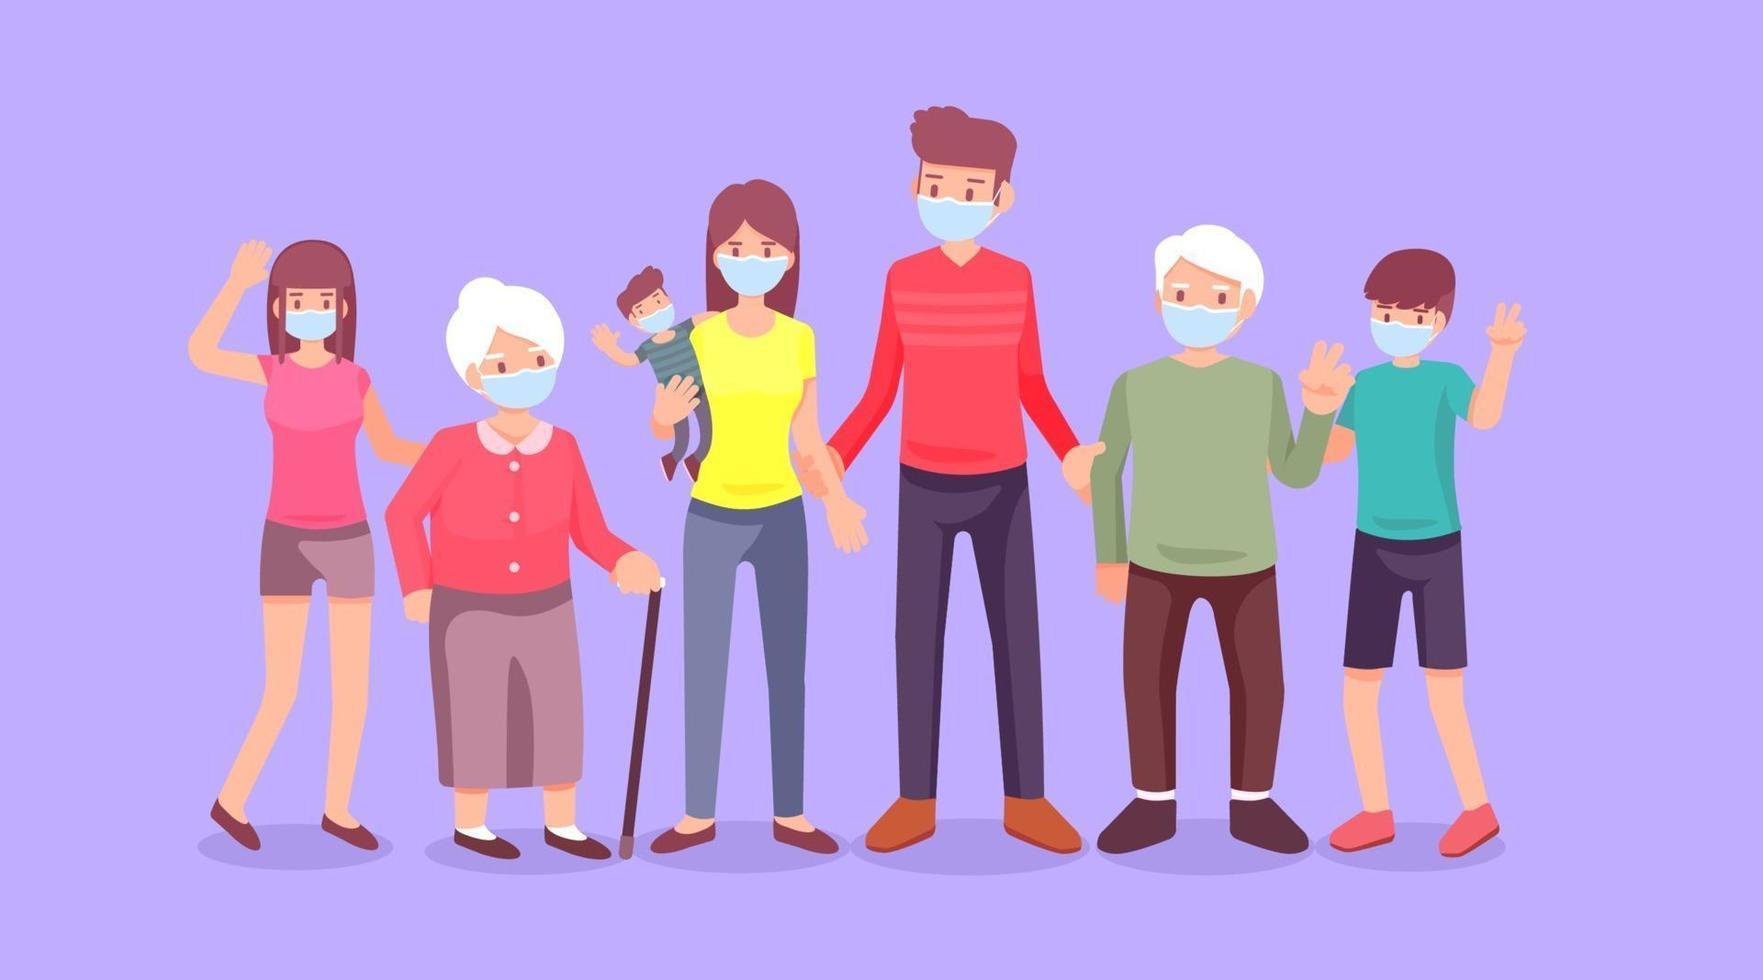 propagación de virus, coronavirus, familia, personas, madre y padre con bebés, niños y abuelos, diseño plano de ilustración vectorial vector